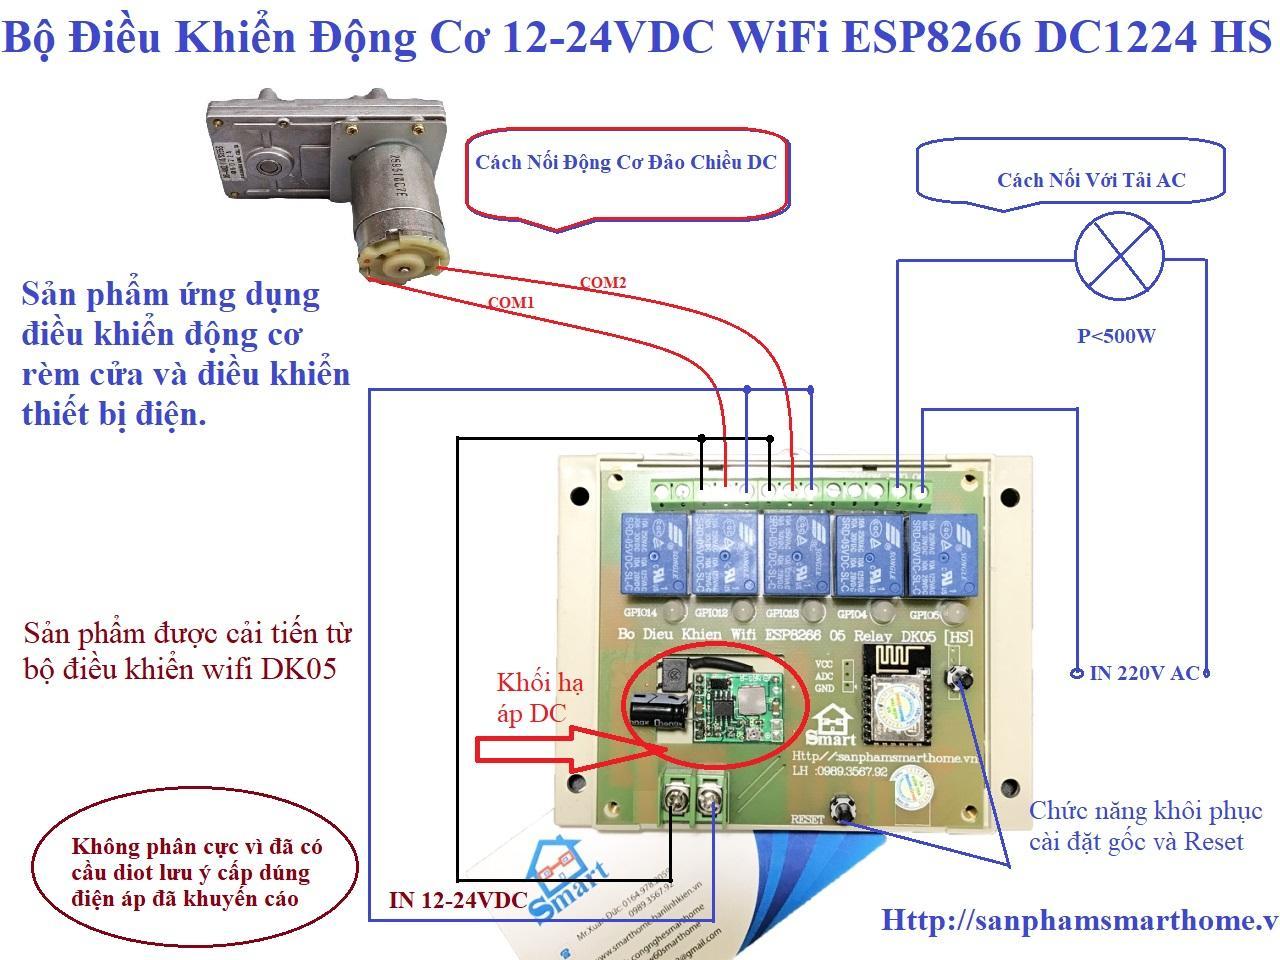 Bộ Điều Khiển Động Cơ 12-24VDC WiFi ESP8266